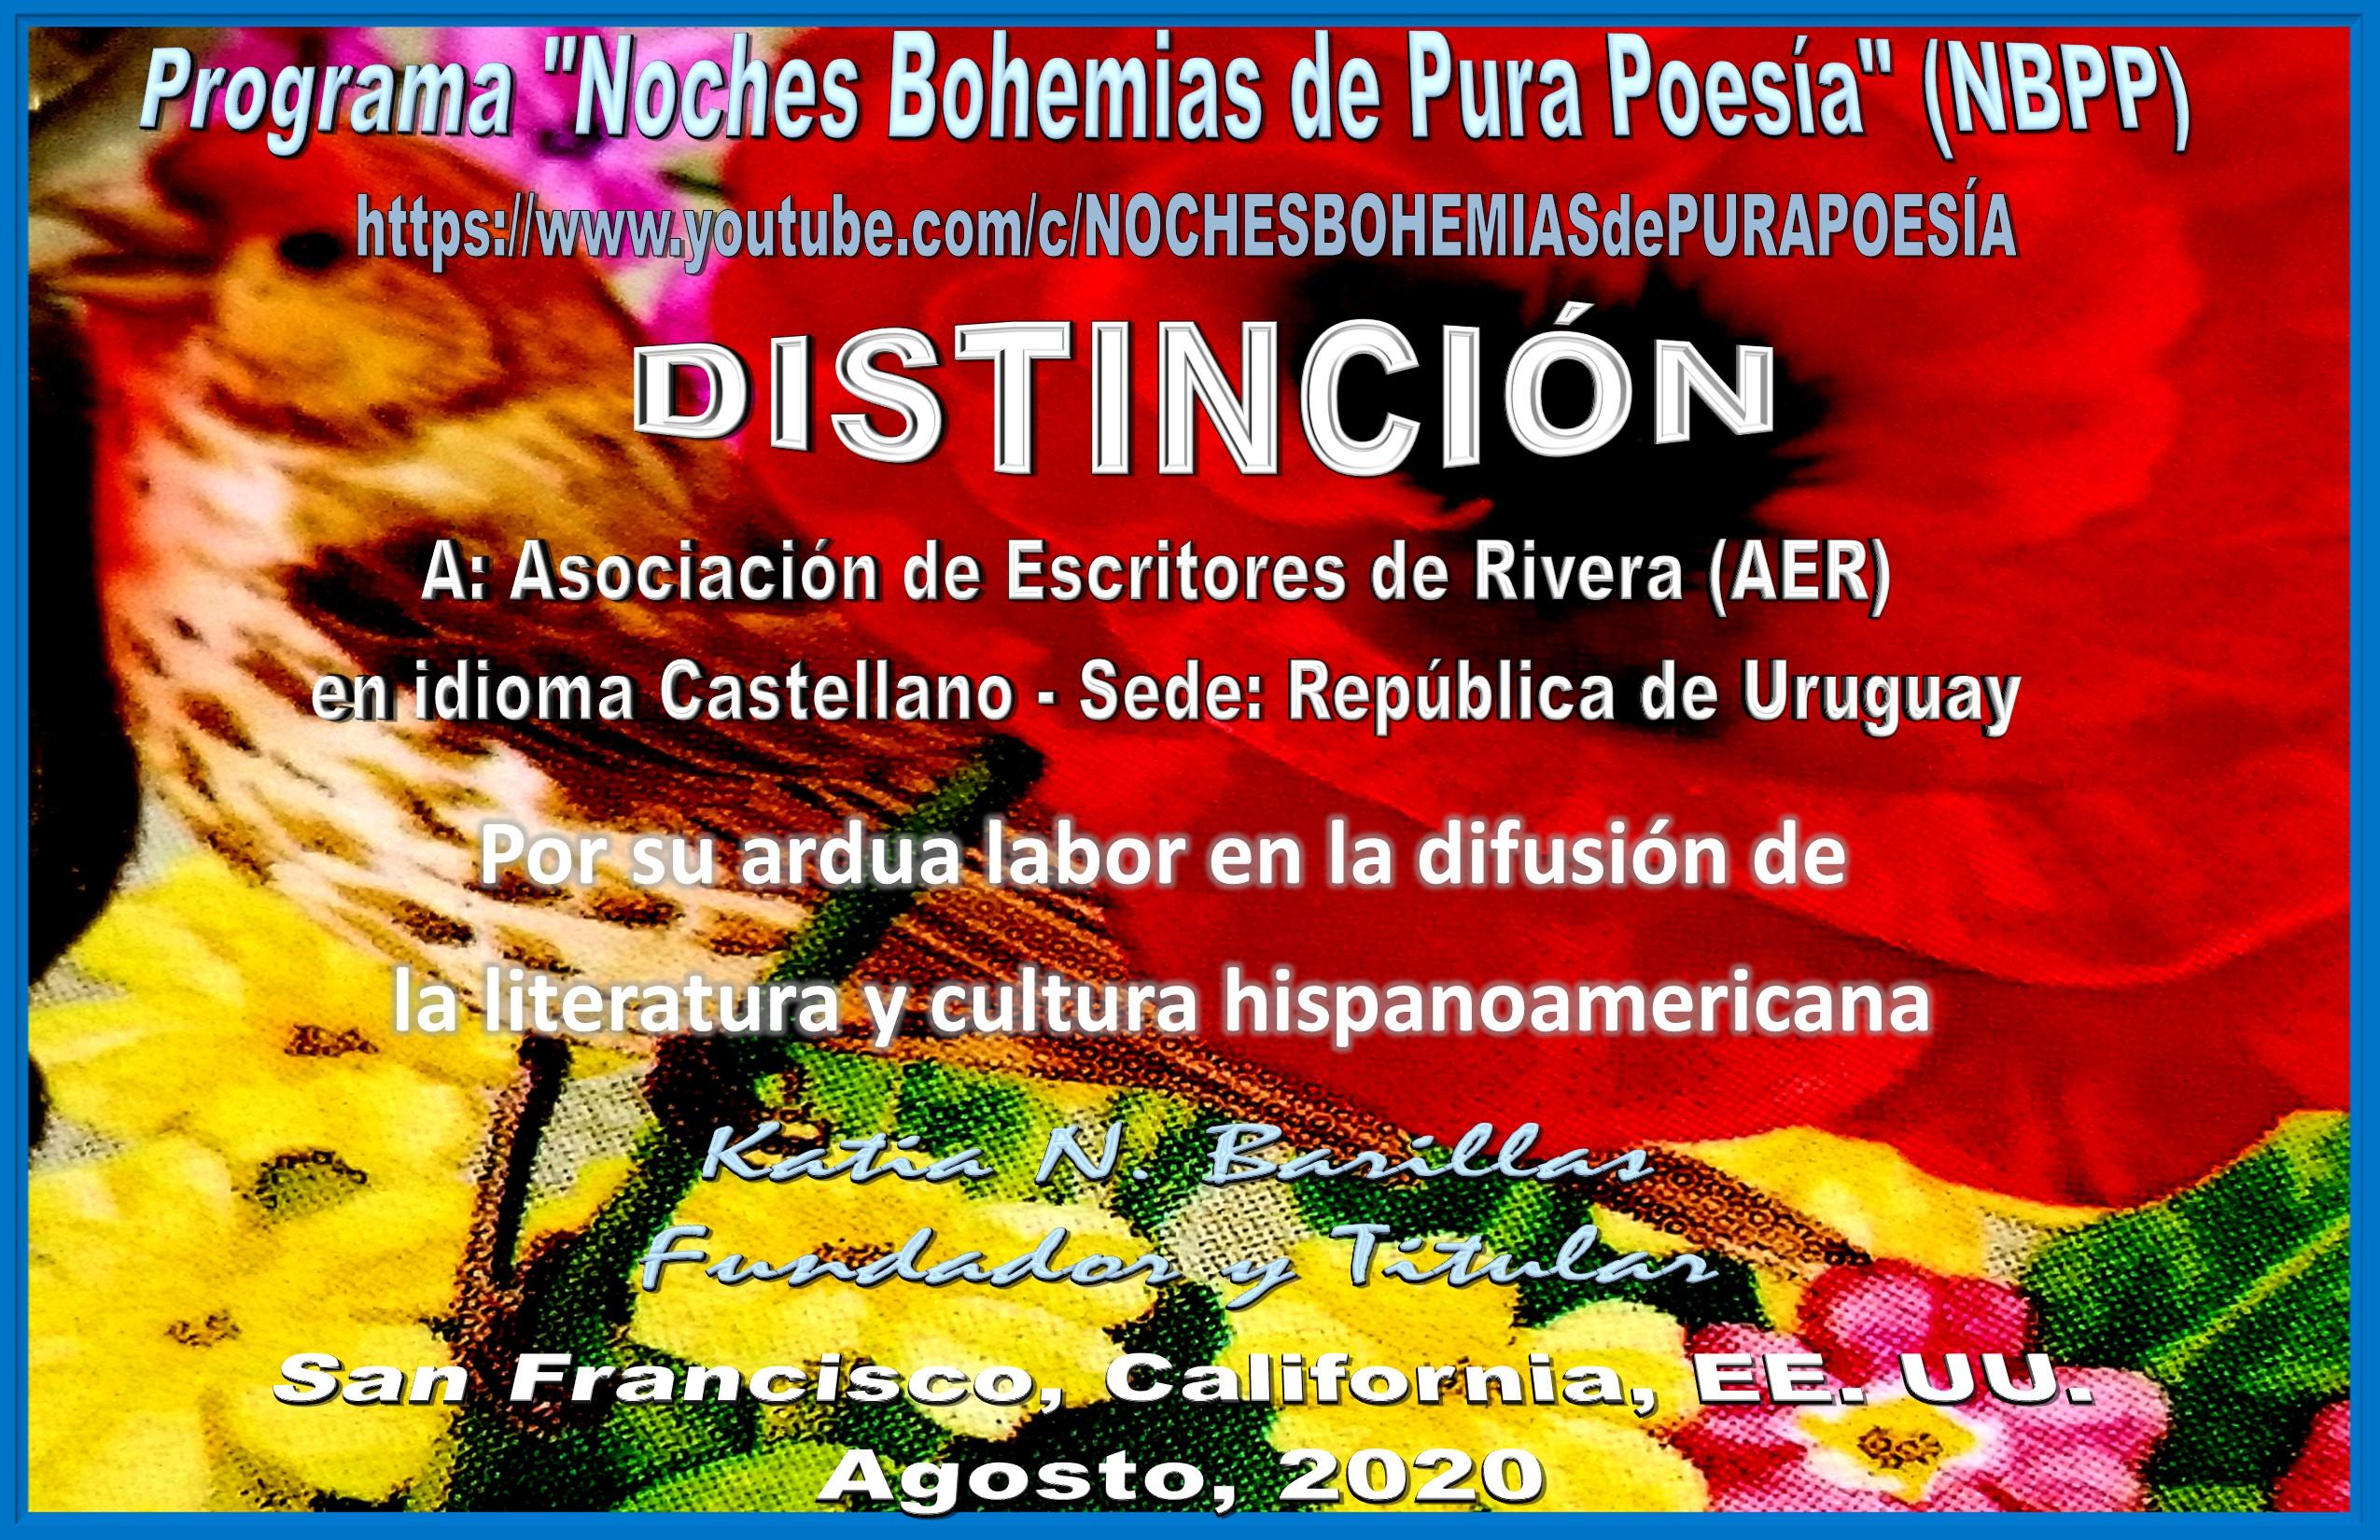 DISTINCIÓNnbppAER.jpg